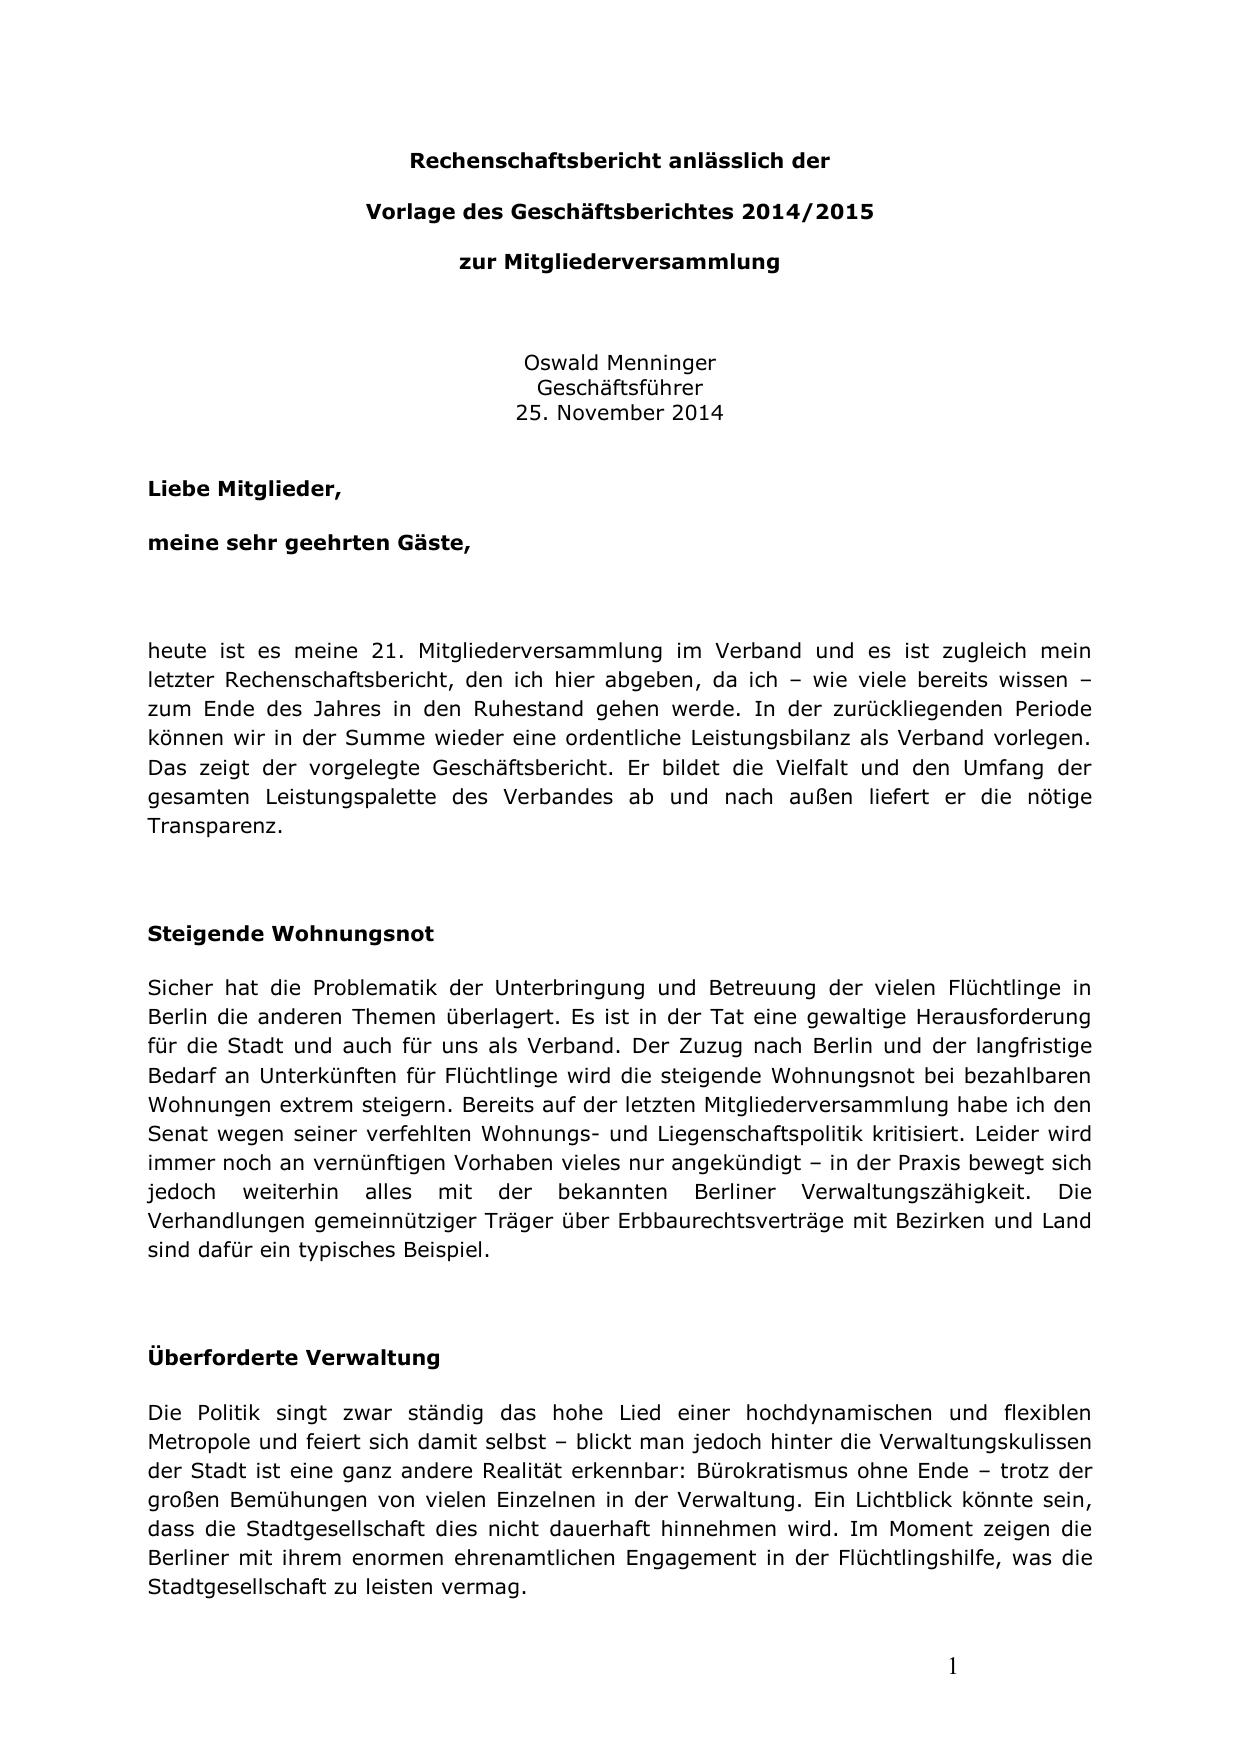 Rechenschaftsbericht Anlasslich Der Vorlage Des